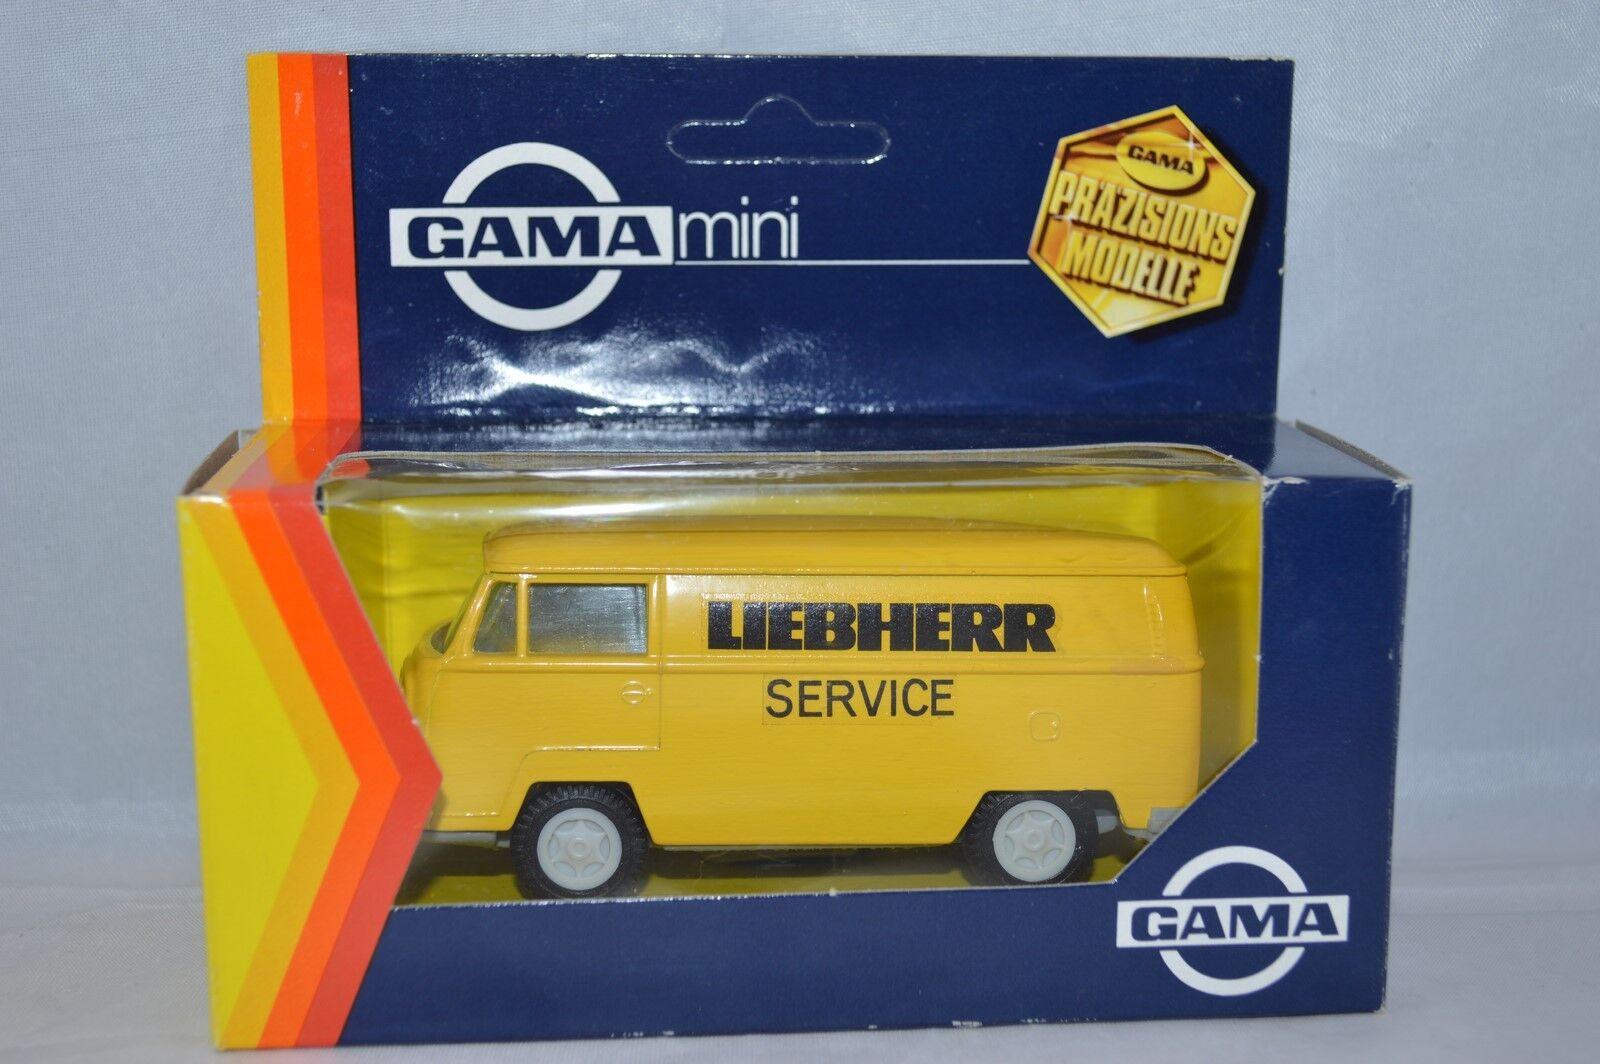 Gama 1 42 8 1602 000 VW Bulli Liebherr service   Mint in Box.